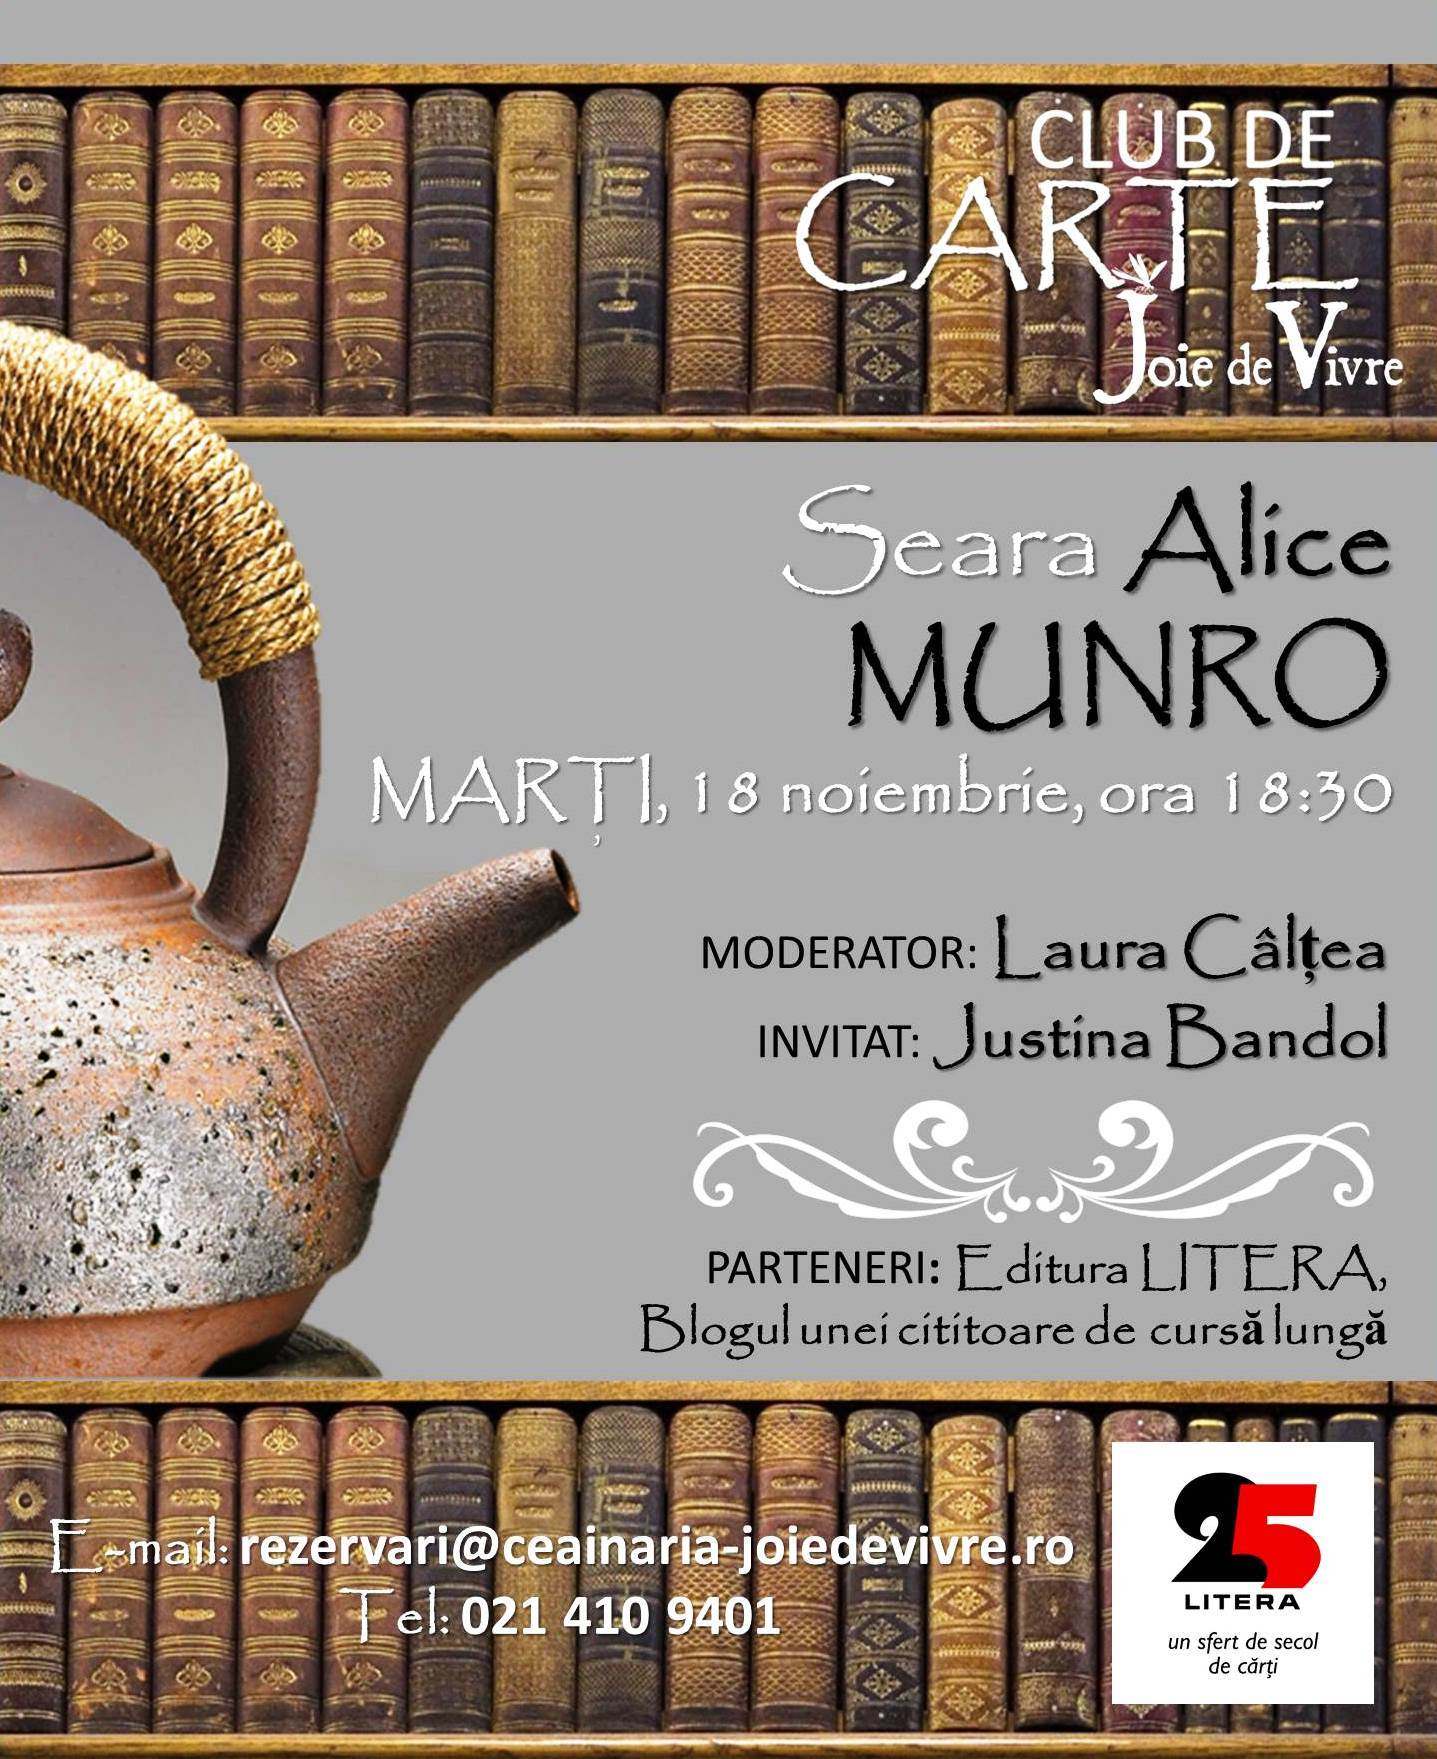 Seară Alice Munro, Clubul de carte Joie de Vivre